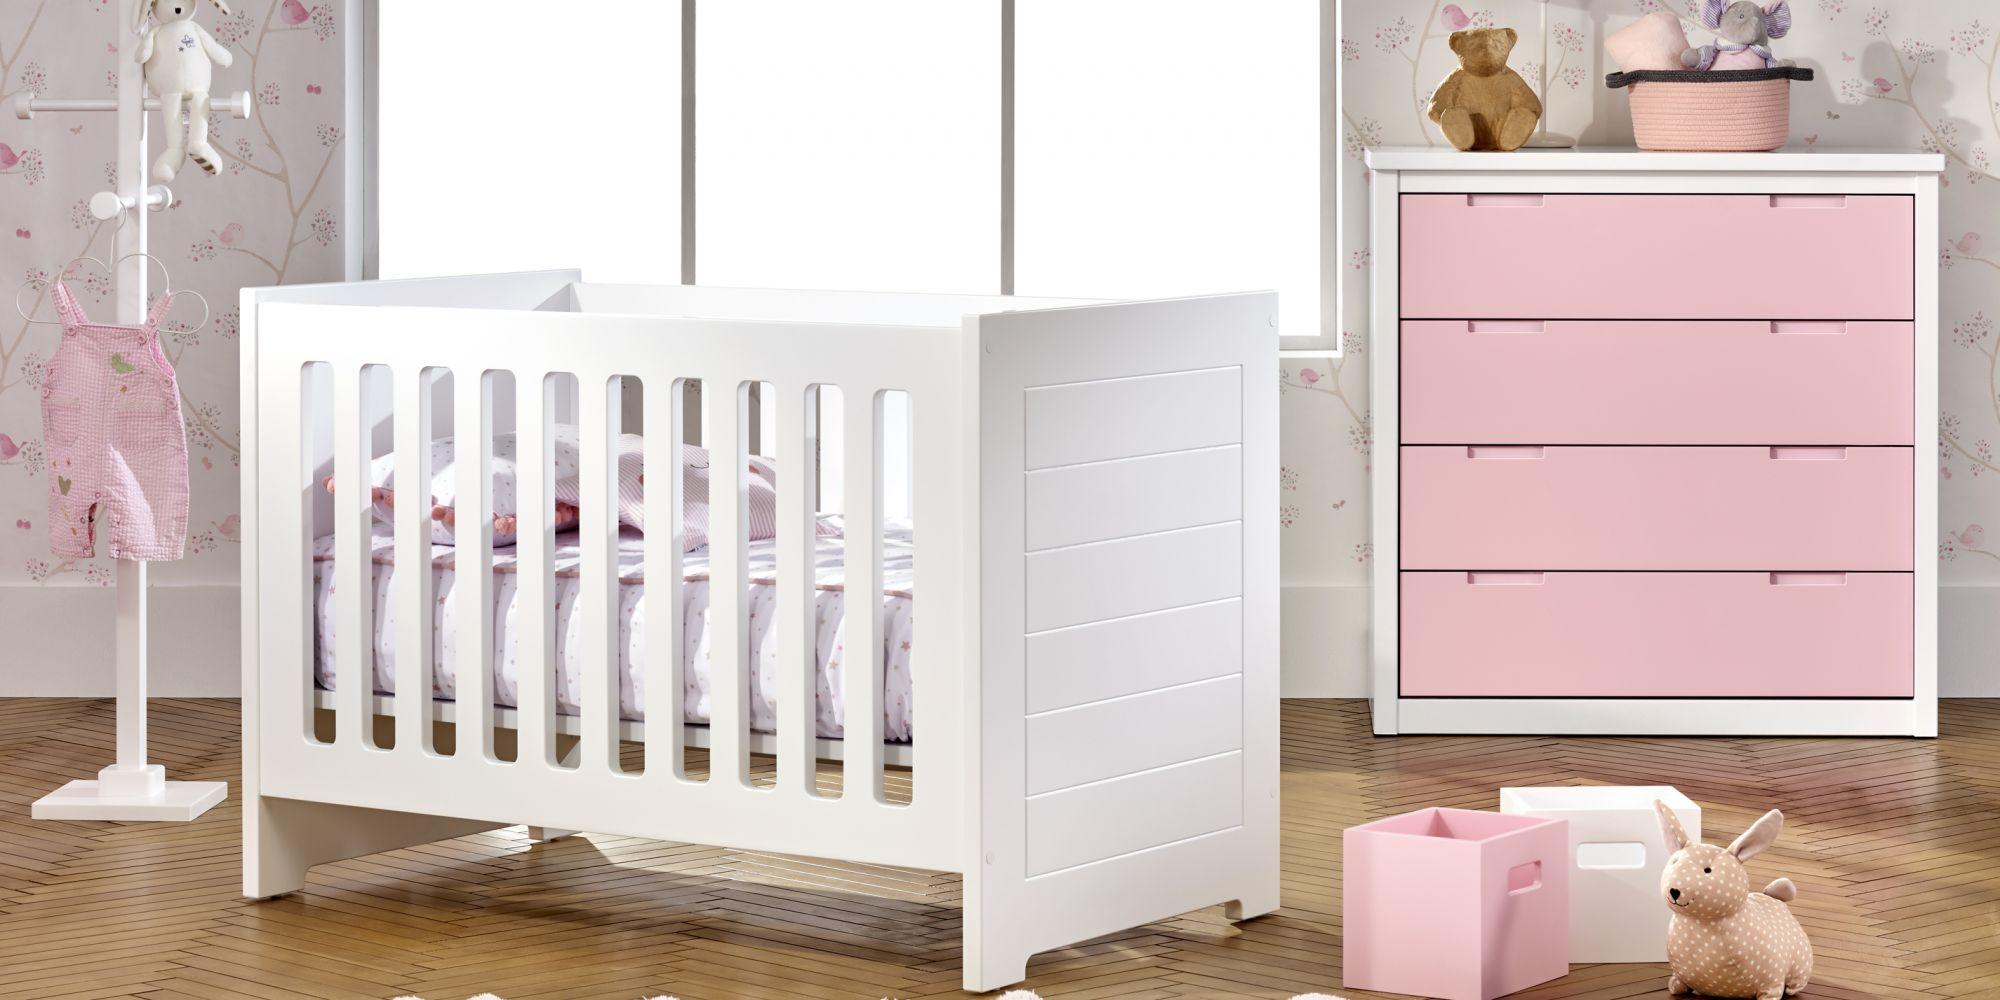 Cuna ideal para el confort del bebe y cómoda de 4 cajones con amplio espacio de almacenaje | Mueble de Bebé